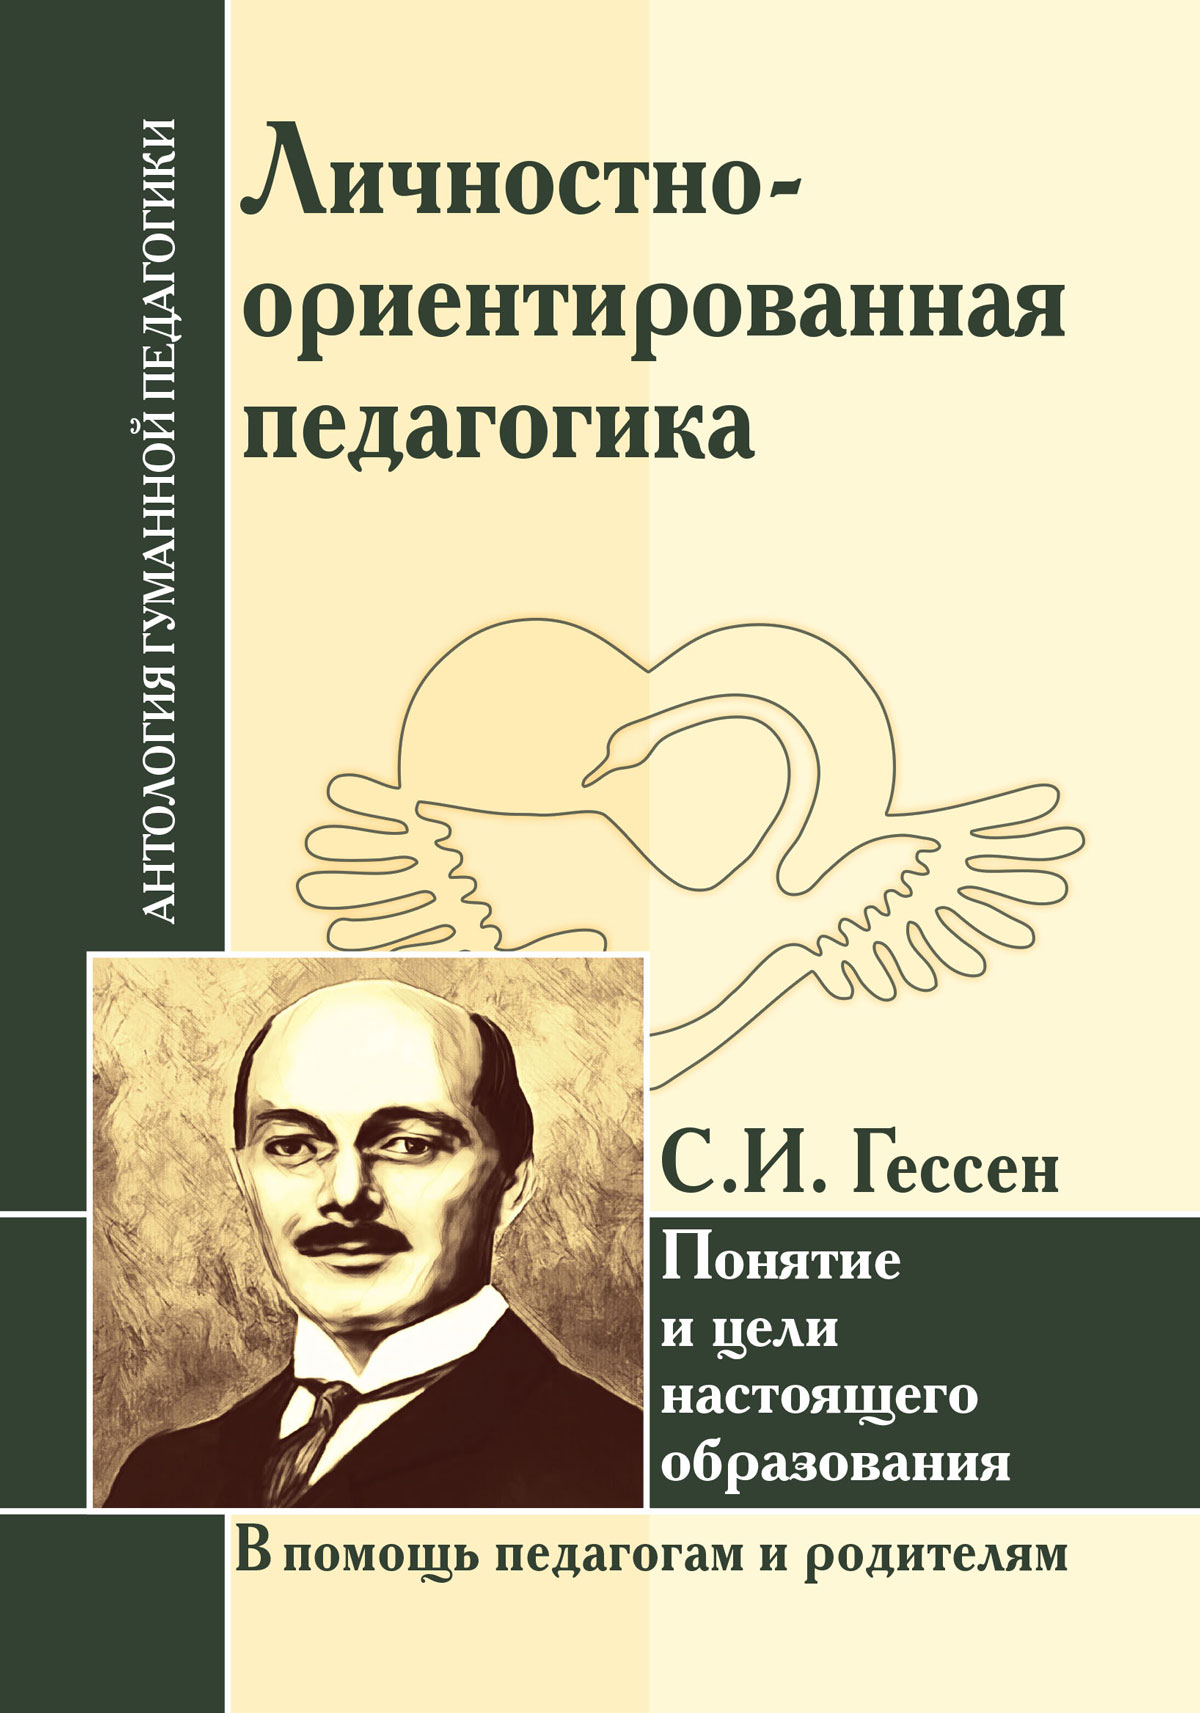 С. И. Гессен Личностно-ориентированная педагогика